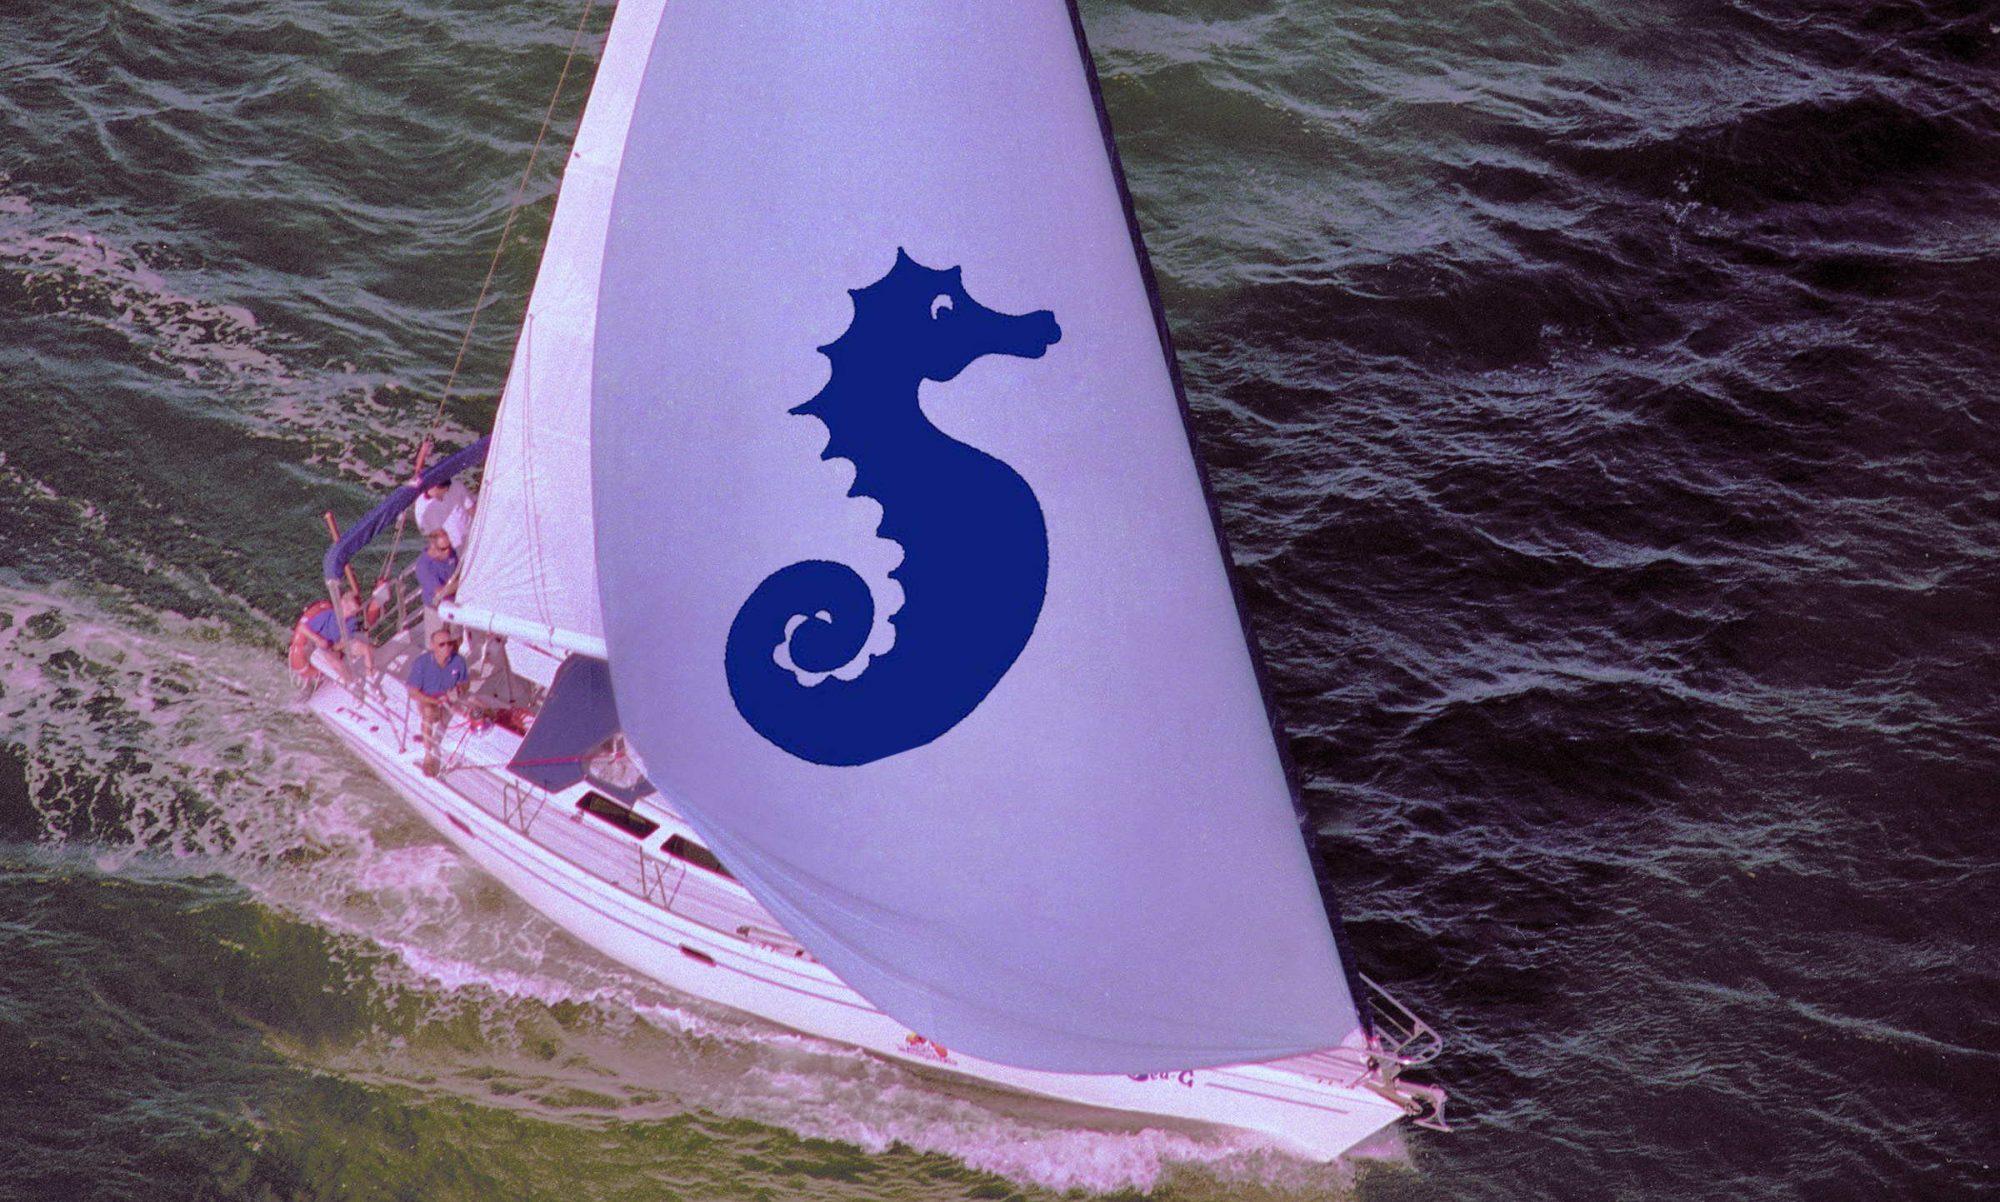 SailTas